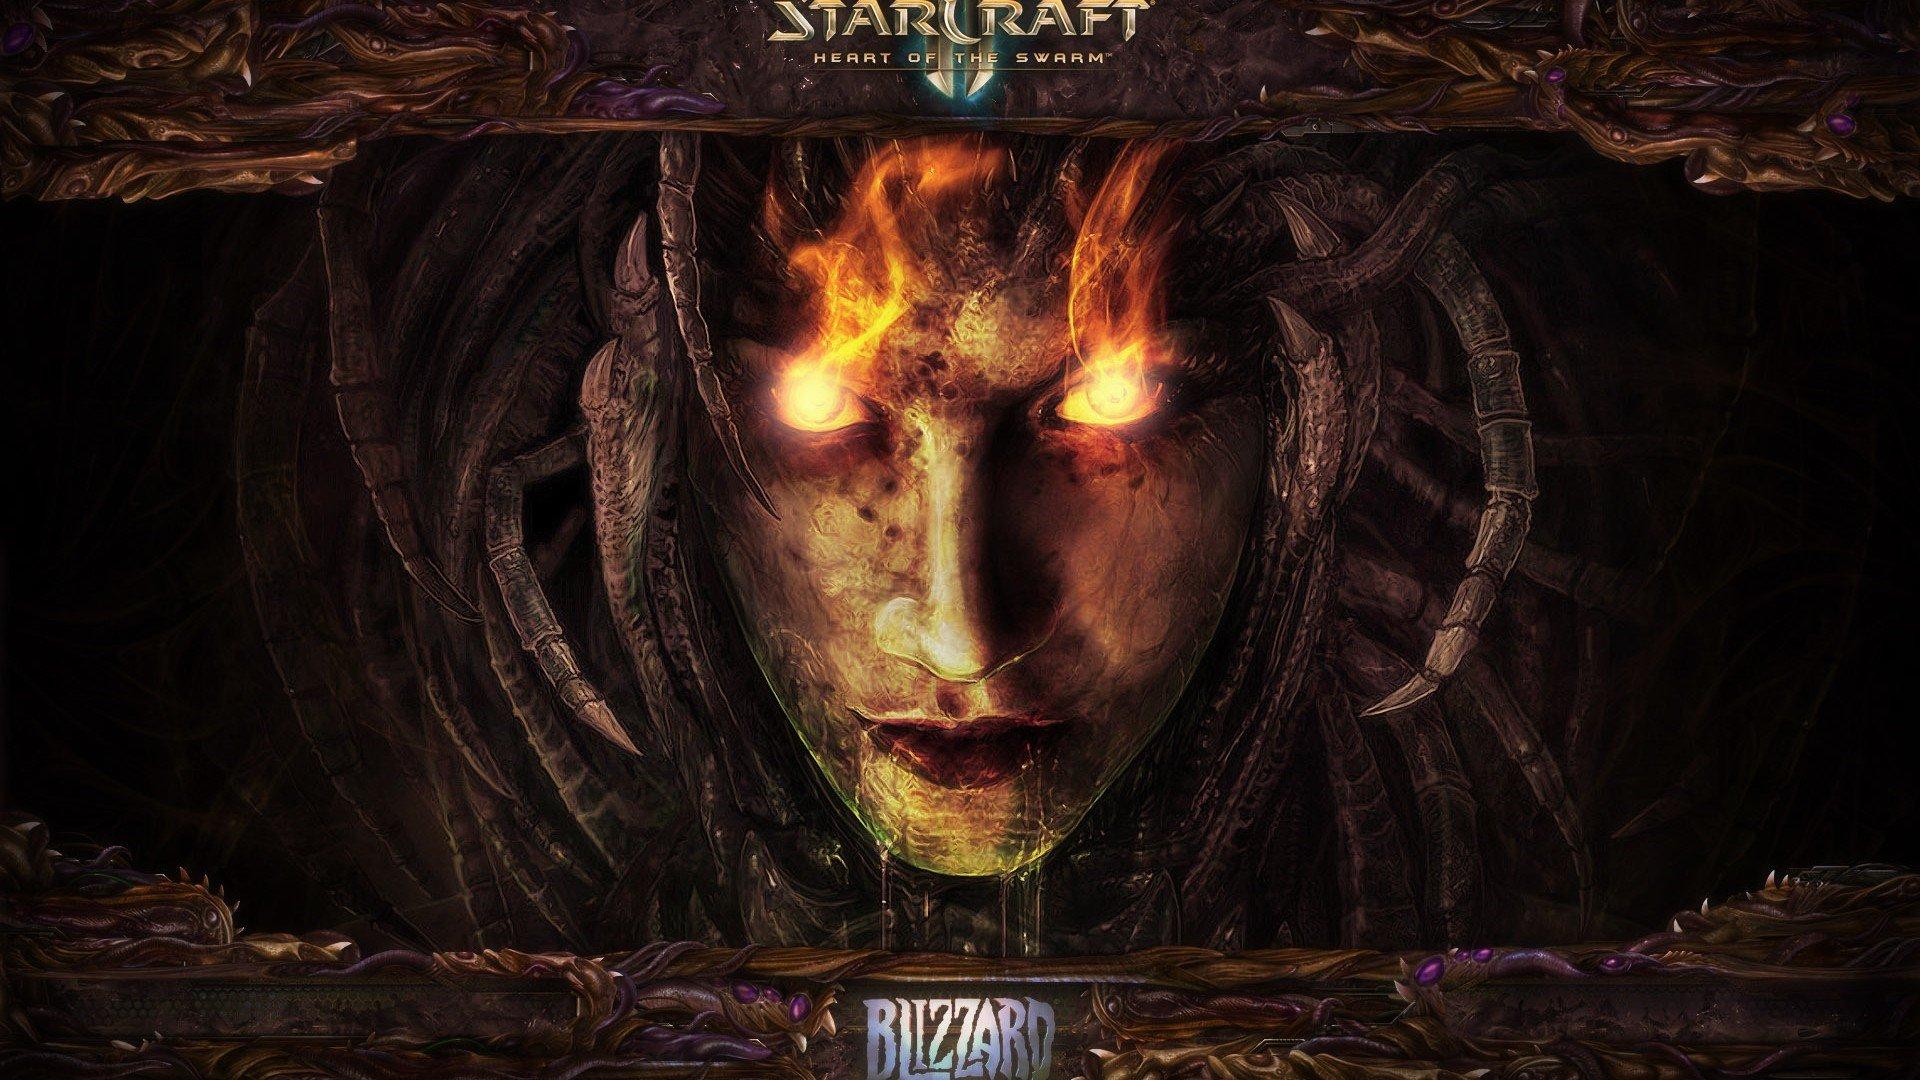 Британские ученые доказали что StarCraft сделает вас умнее   Ну и практически все игры стратегического жанра развив ... - Изображение 1